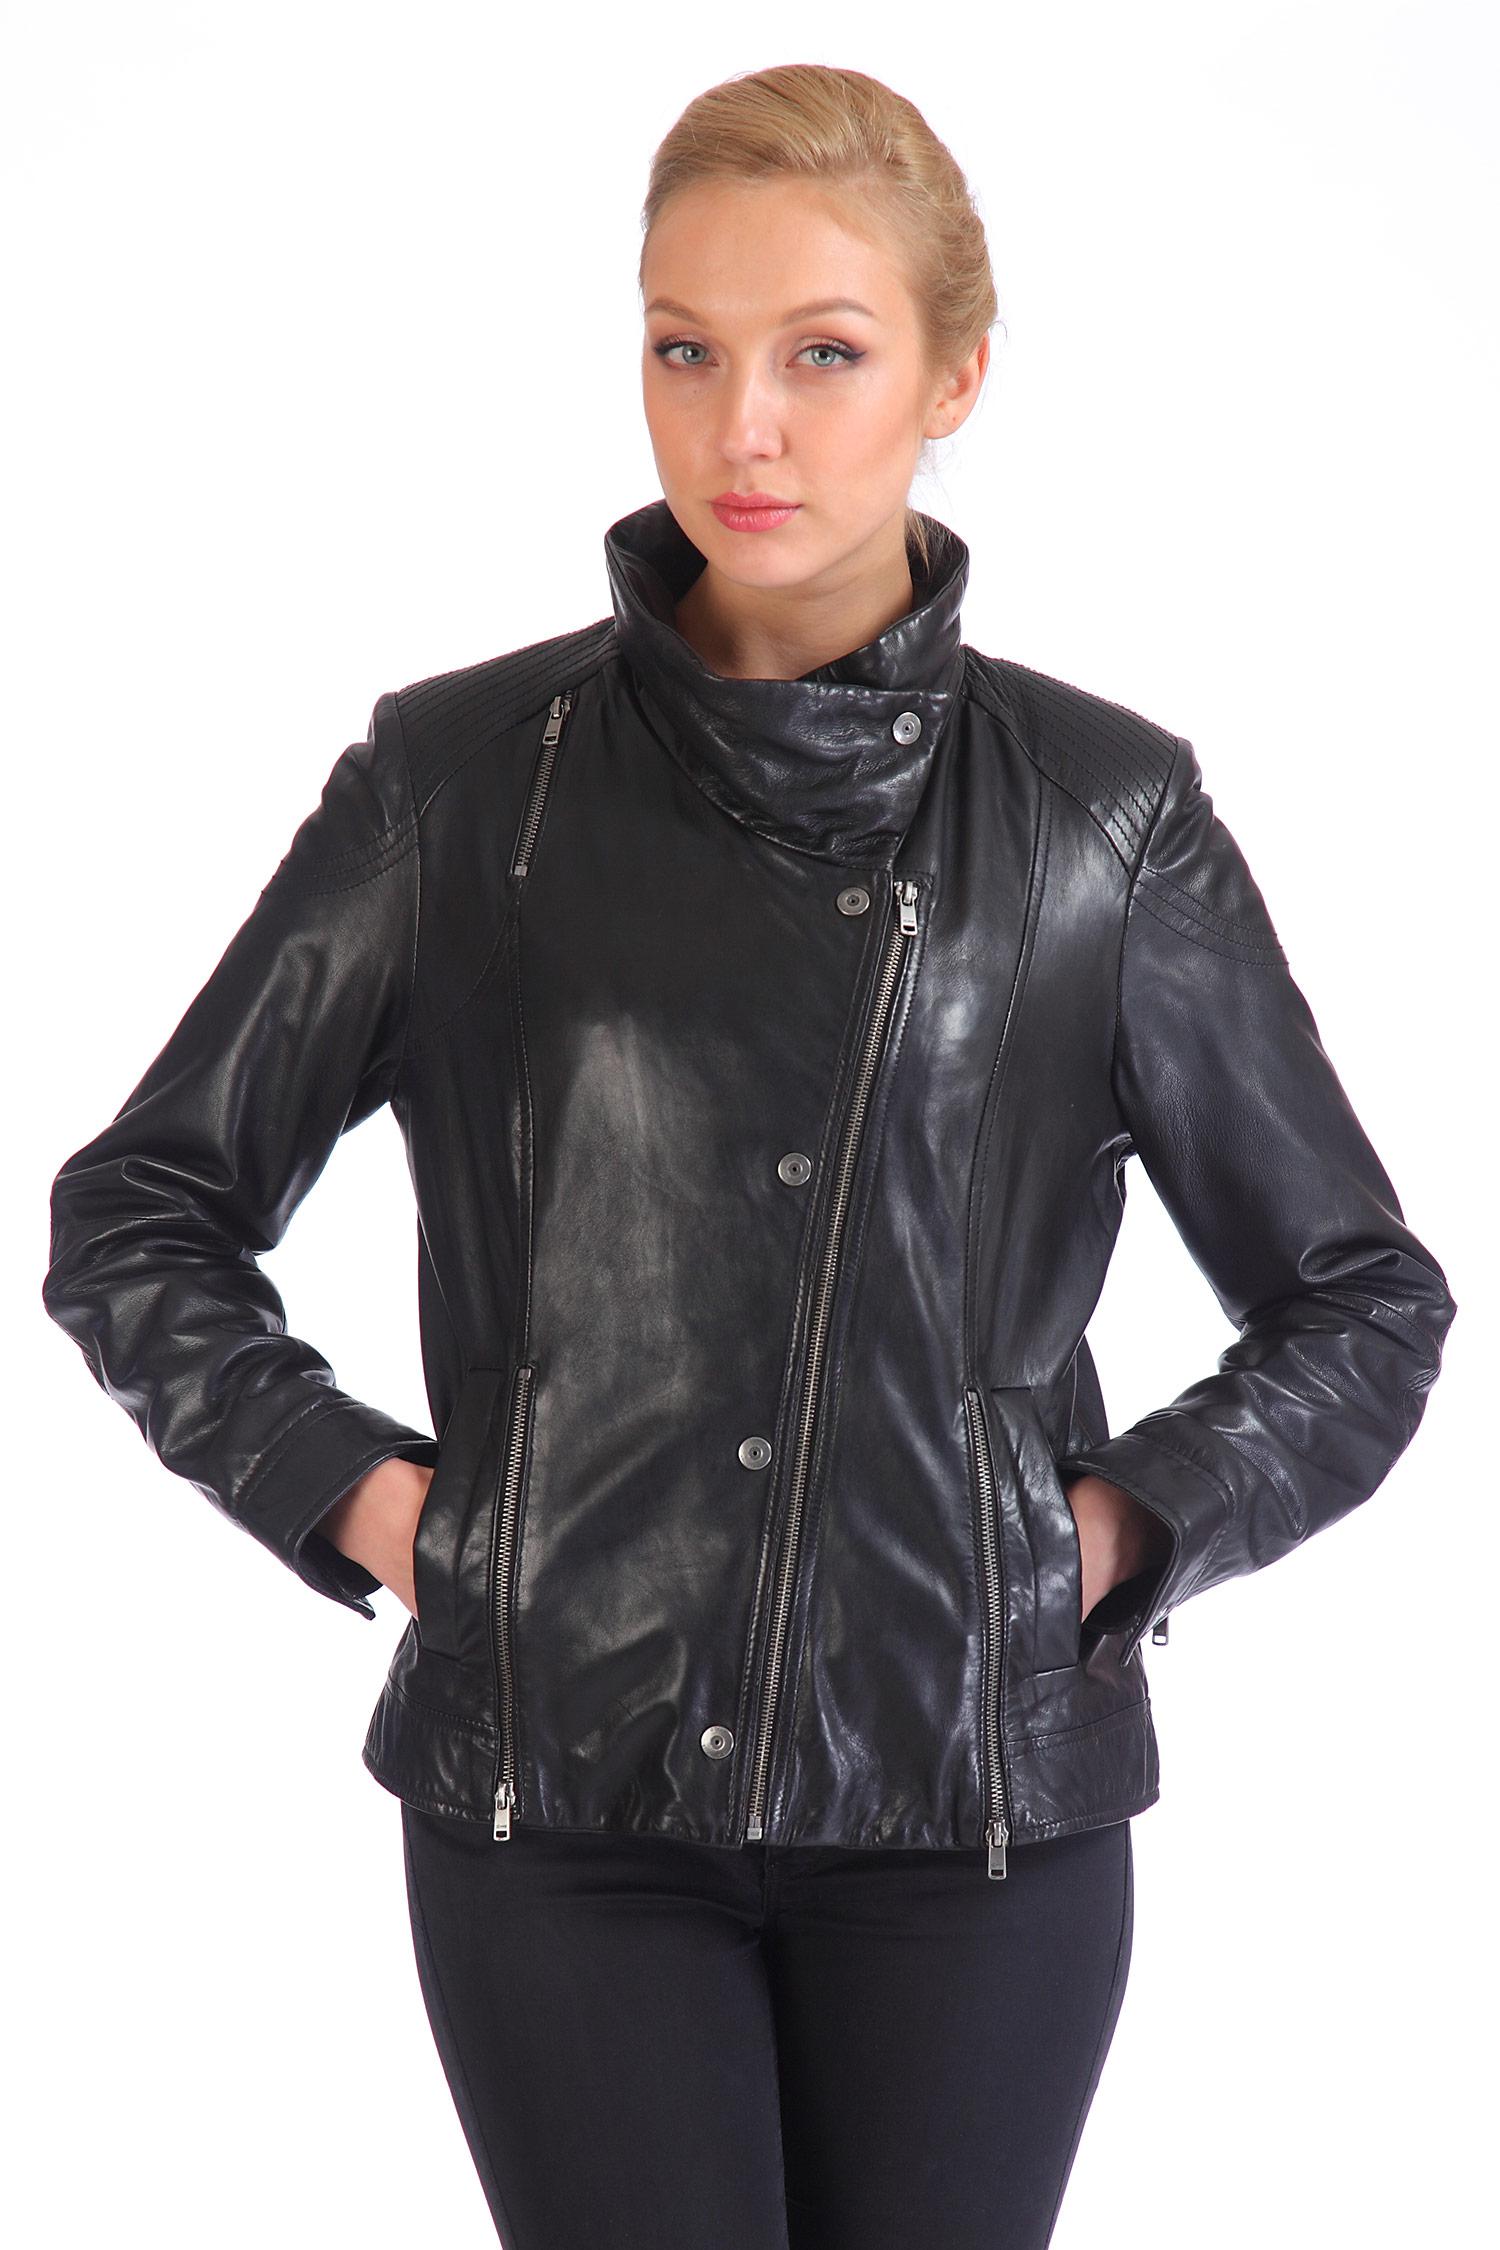 Женская кожаная куртка из натуральной кожи с воротником, без отделки<br><br>Воротник: стойка<br>Длина см: Короткая (51-74 )<br>Материал: Кожа овчина<br>Цвет: черный<br>Пол: Женский<br>Размер RU: 40-42